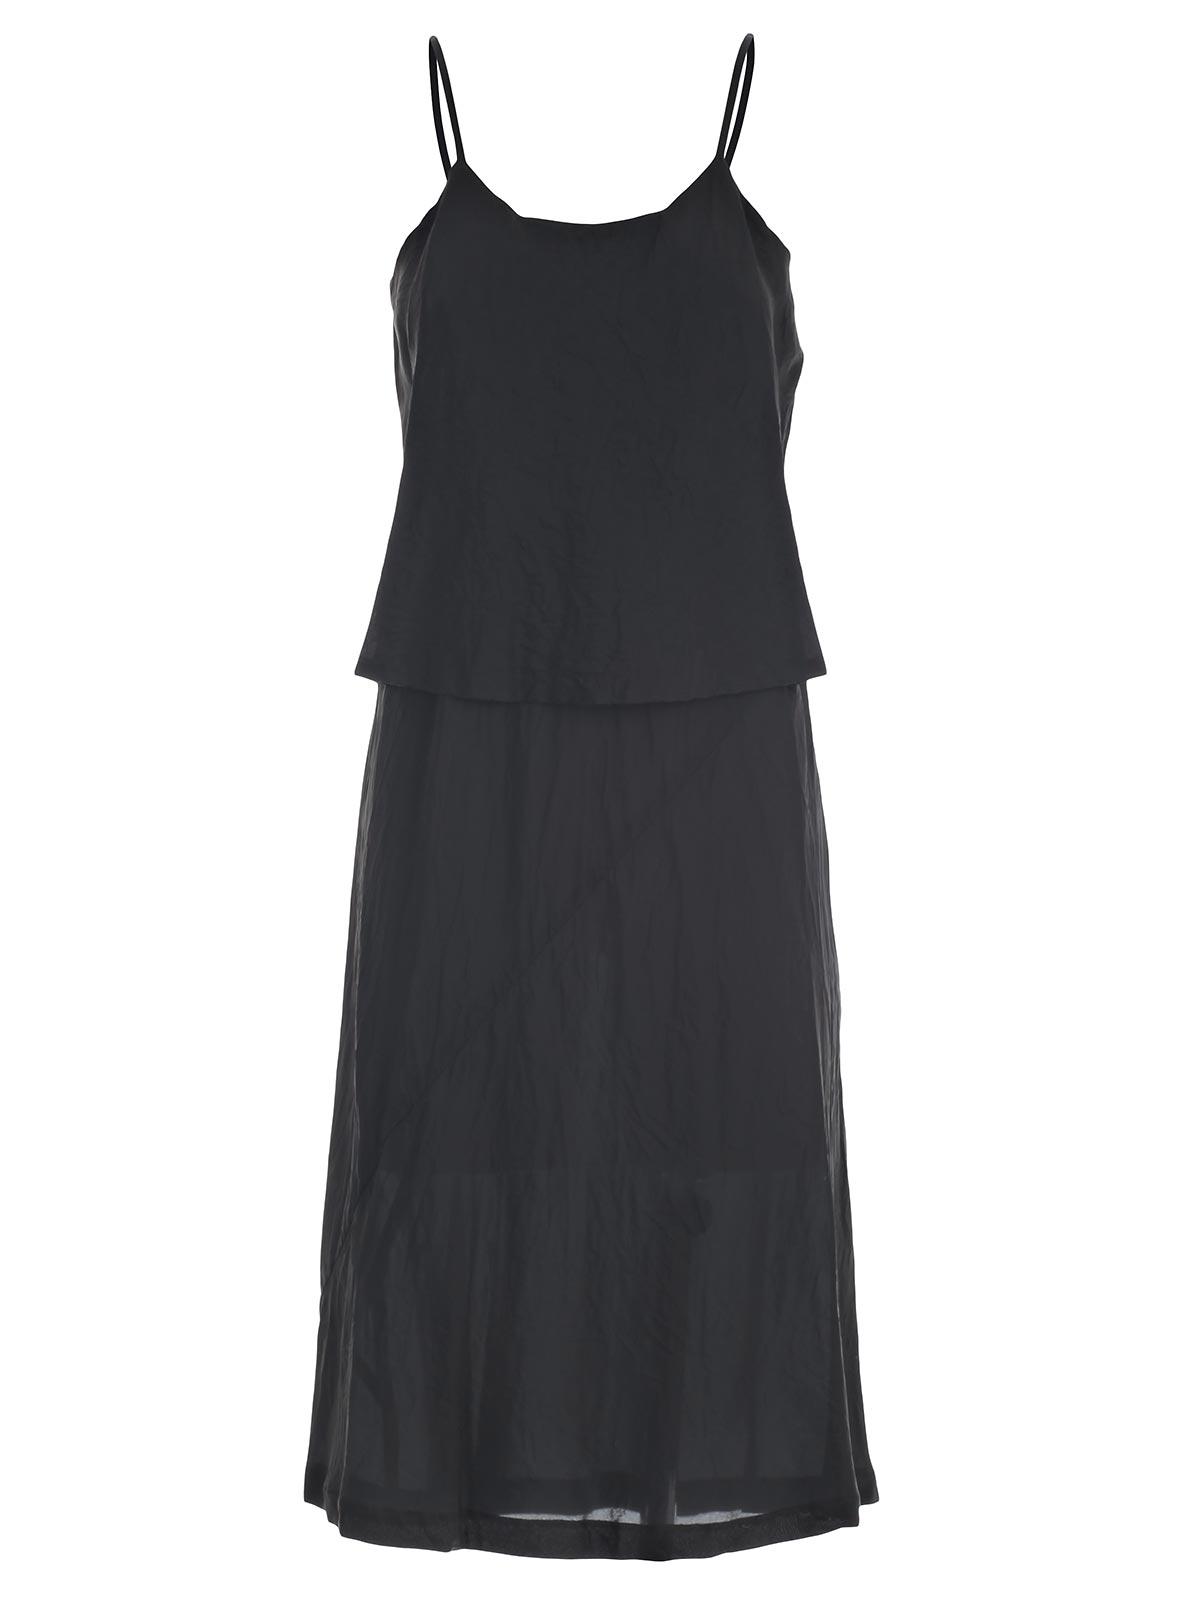 Picture of COMMES DES GARCONS - COMME DES GARCONS DRESS